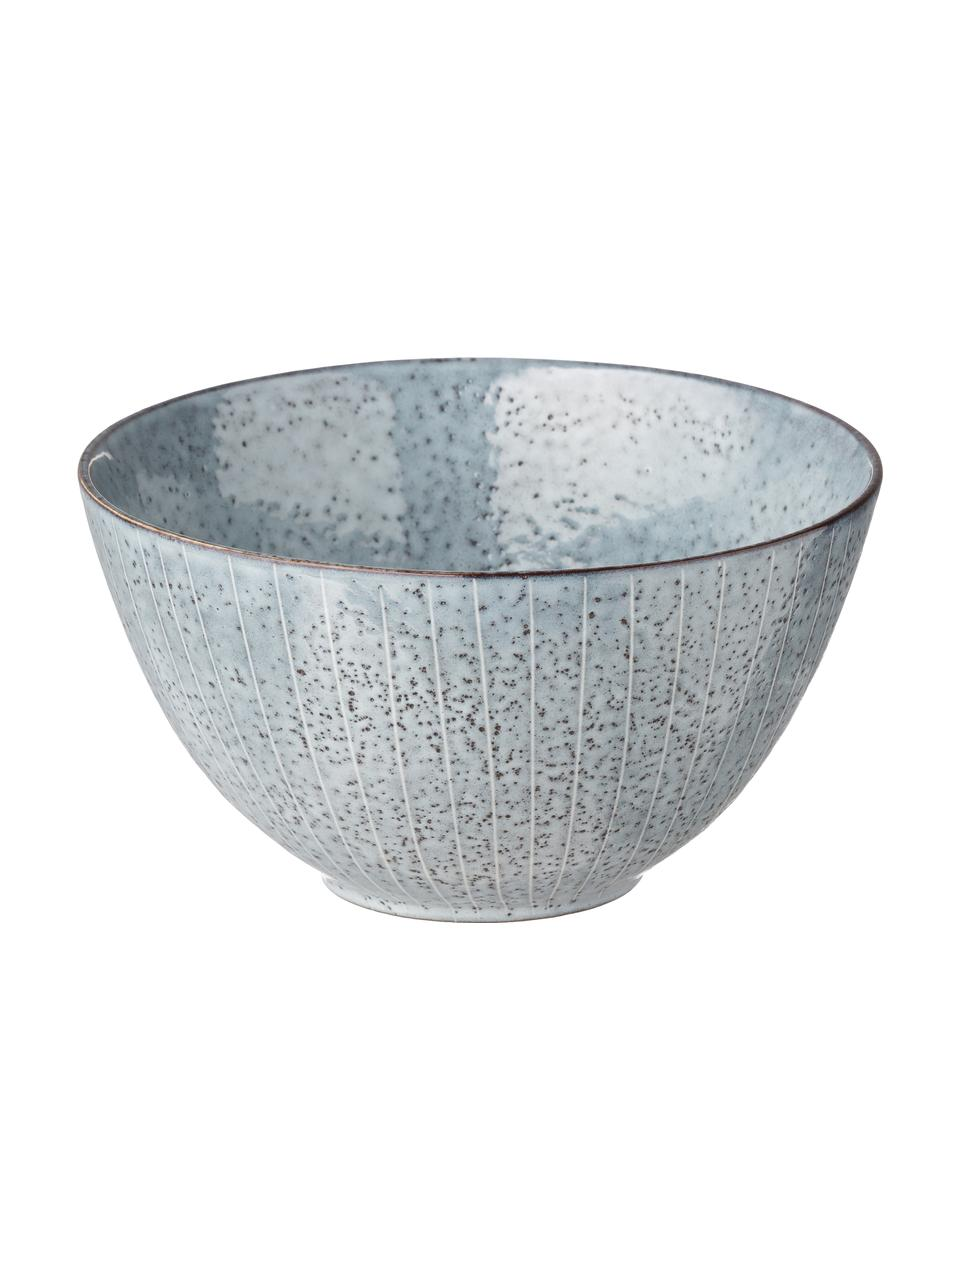 Handgemaakte kommen Nordic Sea Ø 15 cm van keramiek, 4 stuks, Steengoed, Grijs- en blauwtinten, Ø 15 x H 8 cm